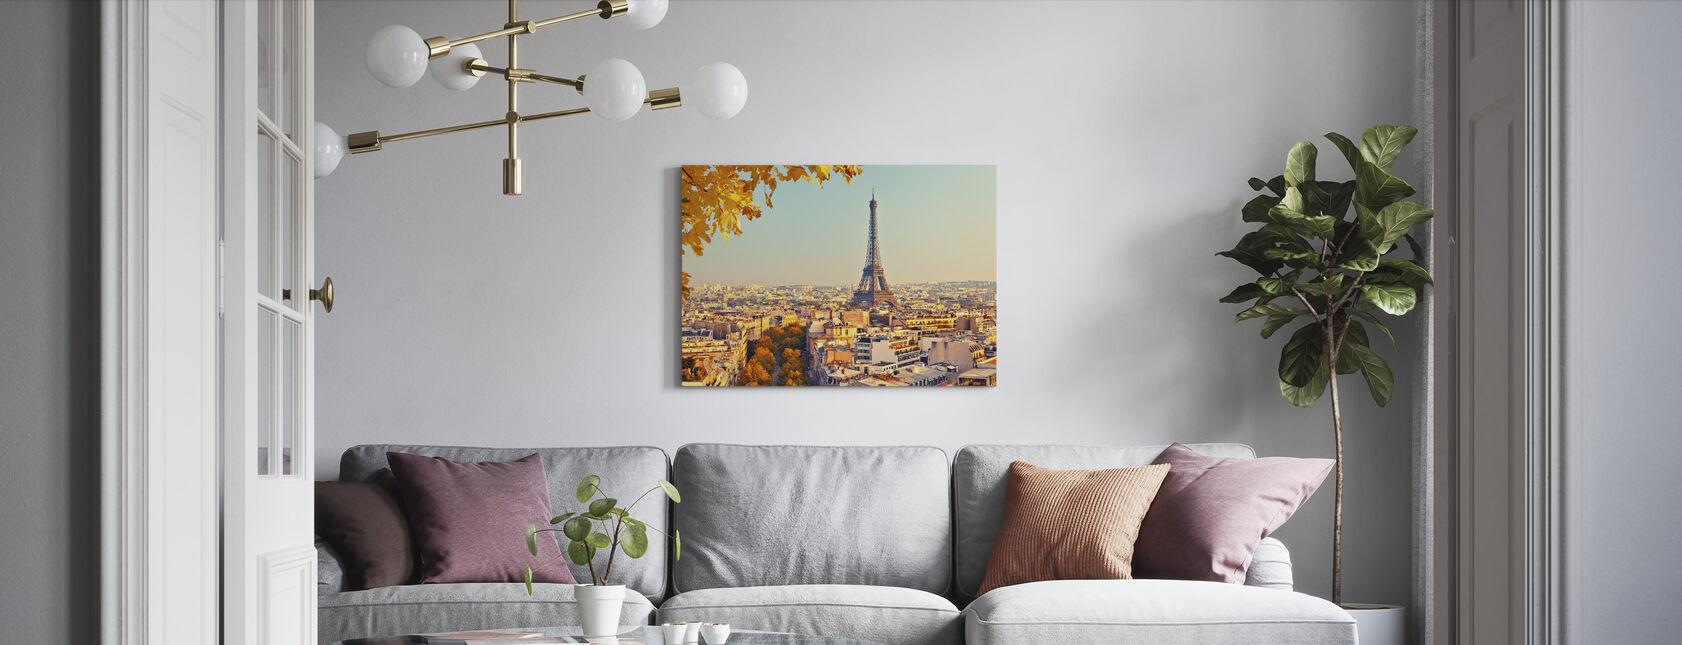 Eiffeltårnet Efterårsudsigt - Billede på lærred - Stue